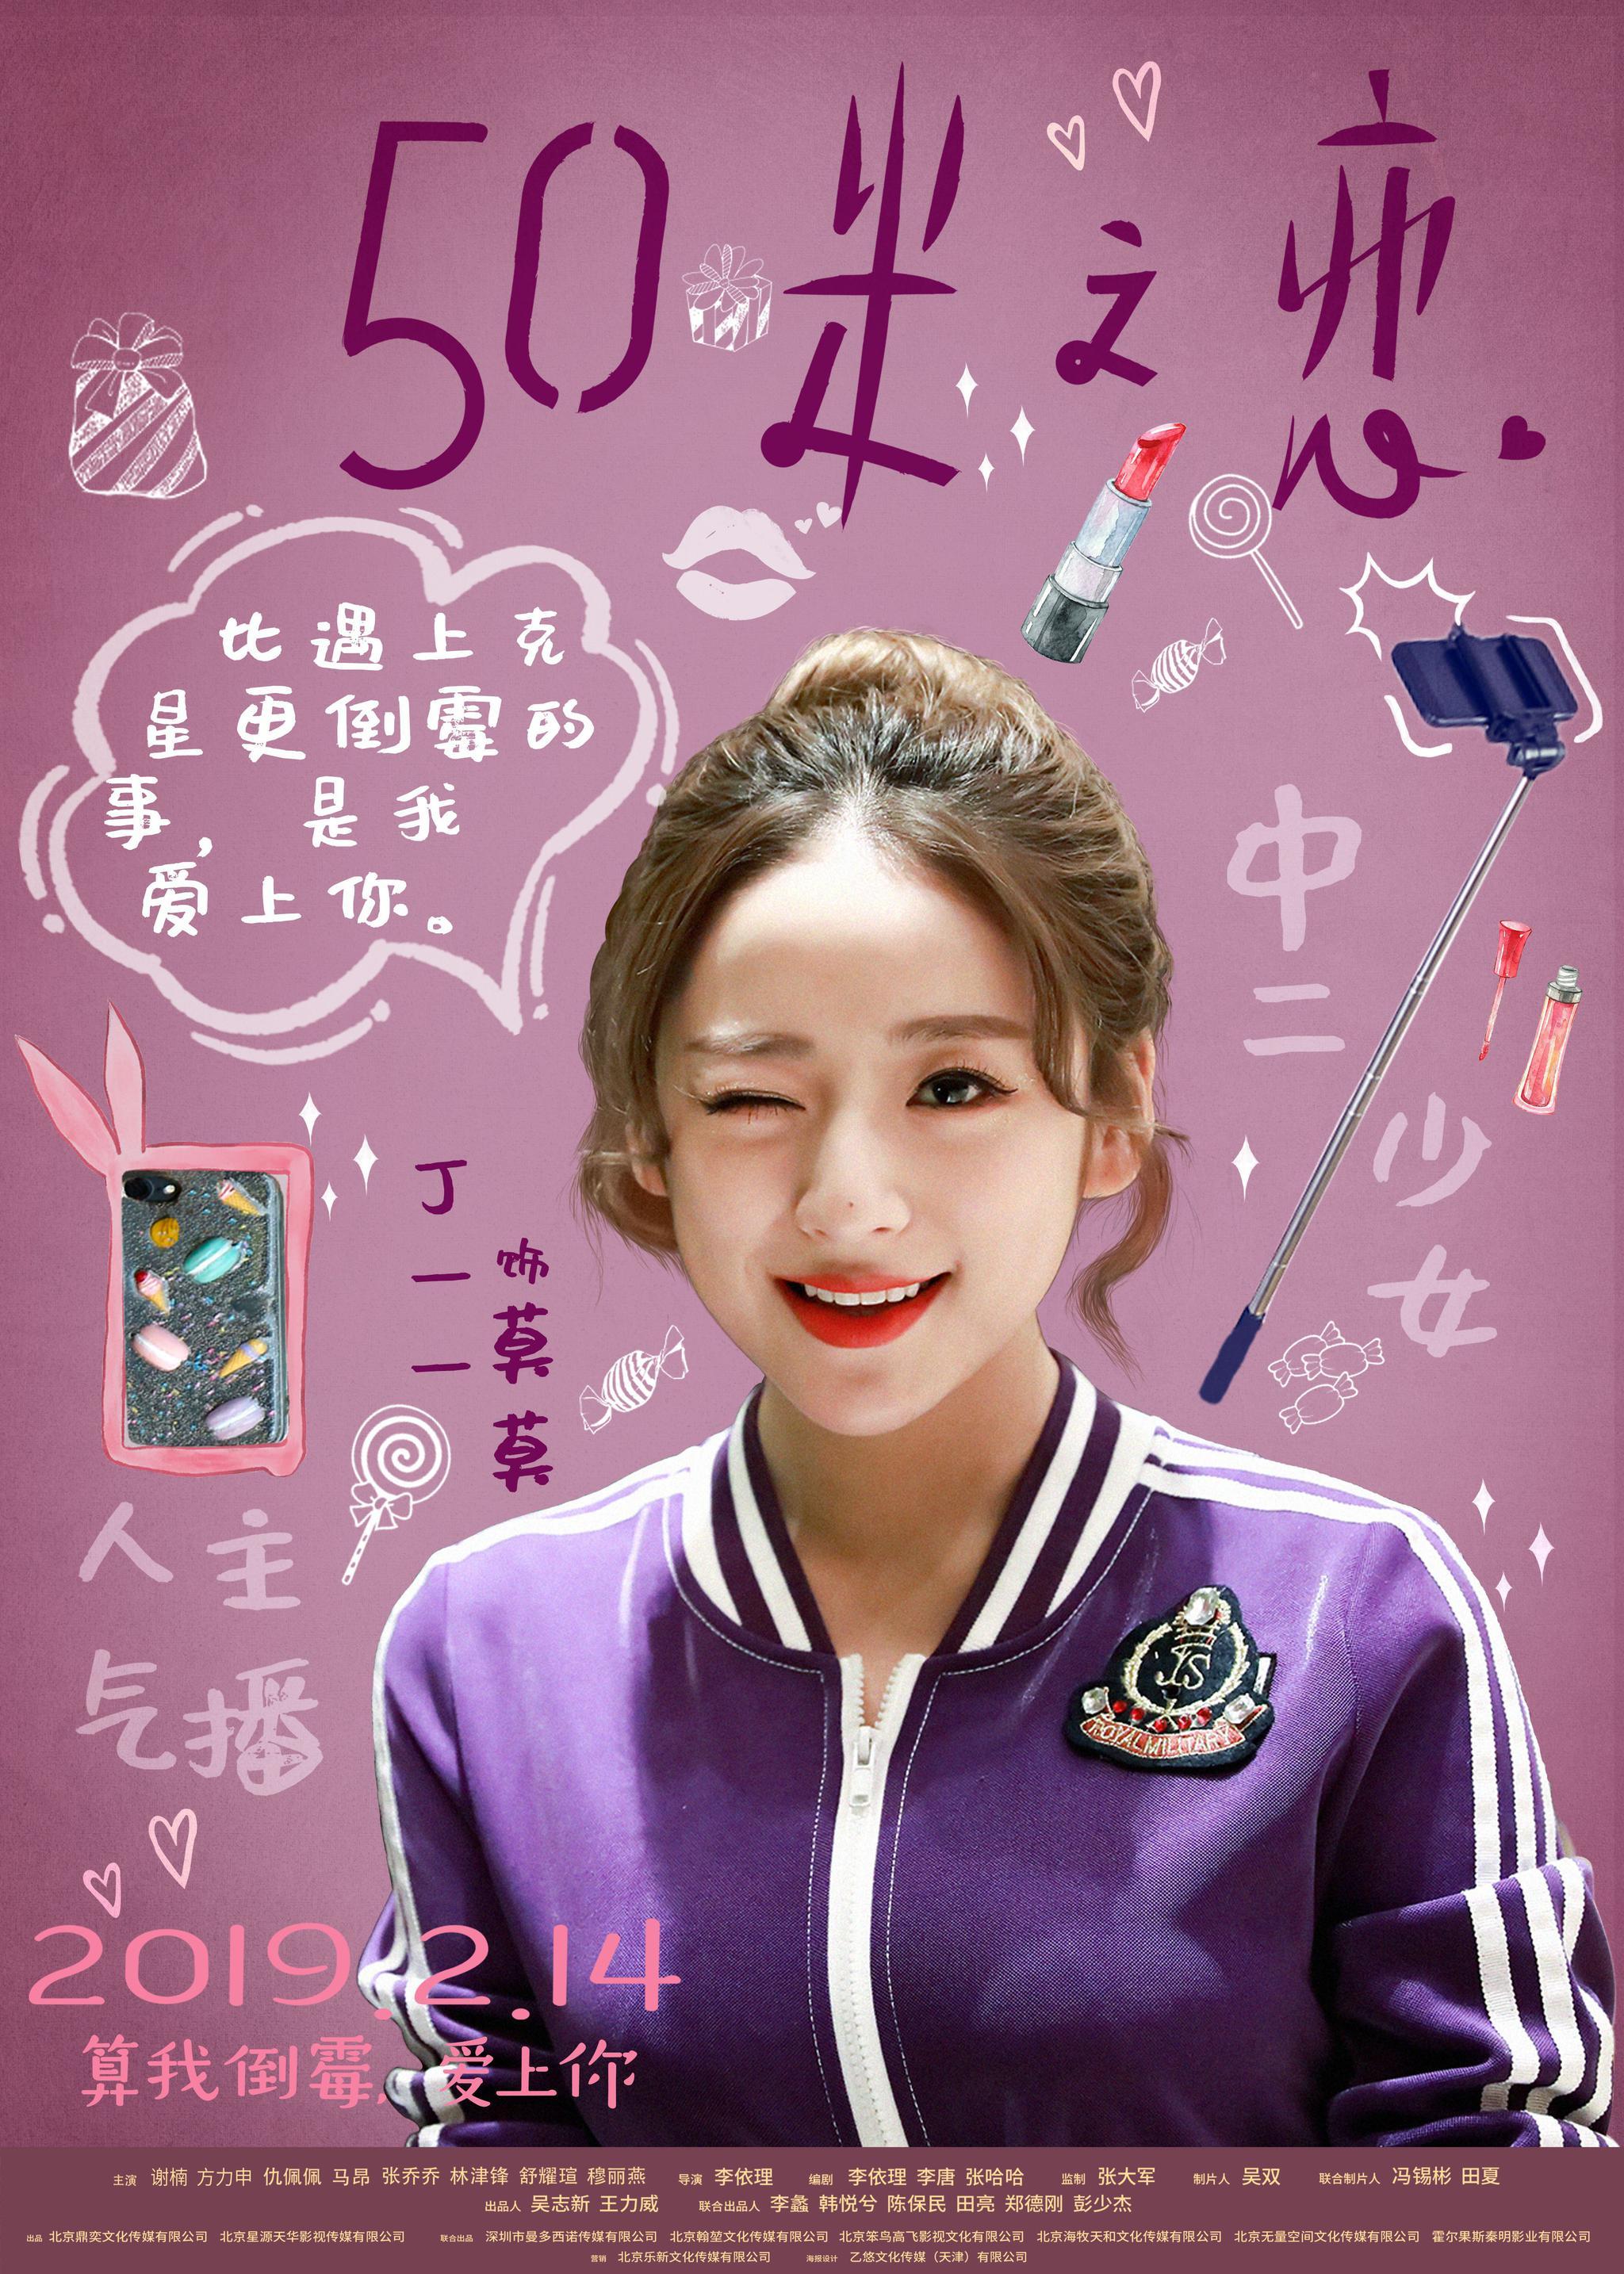 电影《五十米之恋》情人节上映 丁一一化身鬼马助理甜蜜助攻